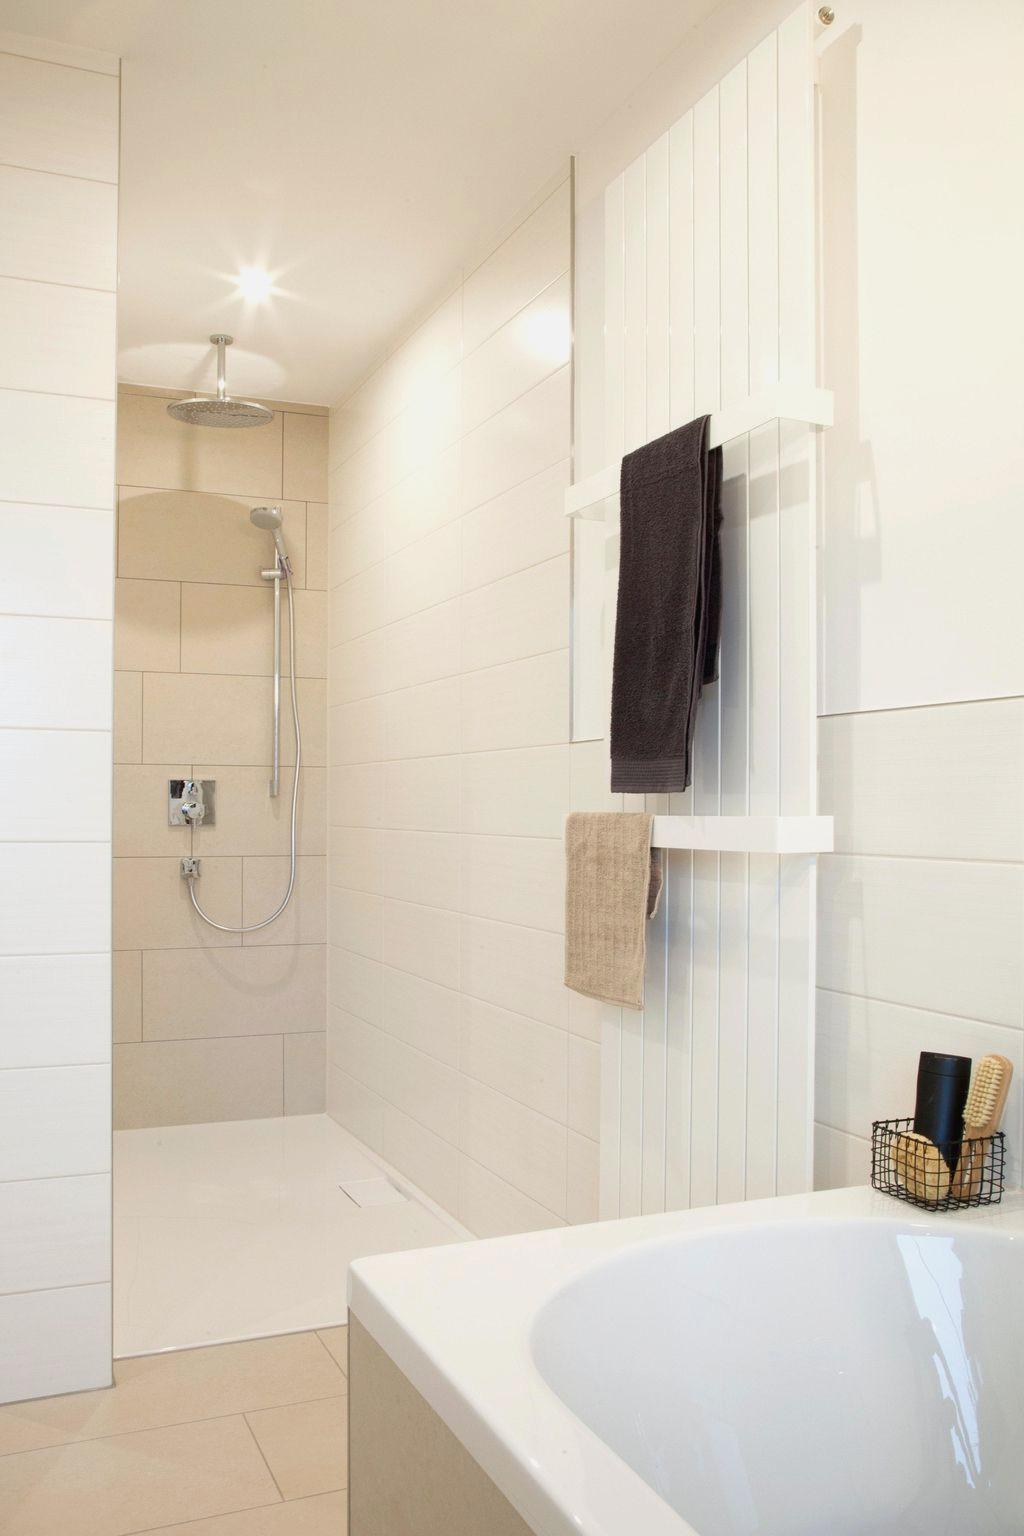 Full Size of Badewannenumbau Zur Dusche Kosten Neue Fenster Bodengleiche Nachträglich Einbauen Begehbare Duschen Bad Renovieren Fliesen Bluetooth Lautsprecher Sprinz Grohe Dusche Ebenerdige Dusche Kosten